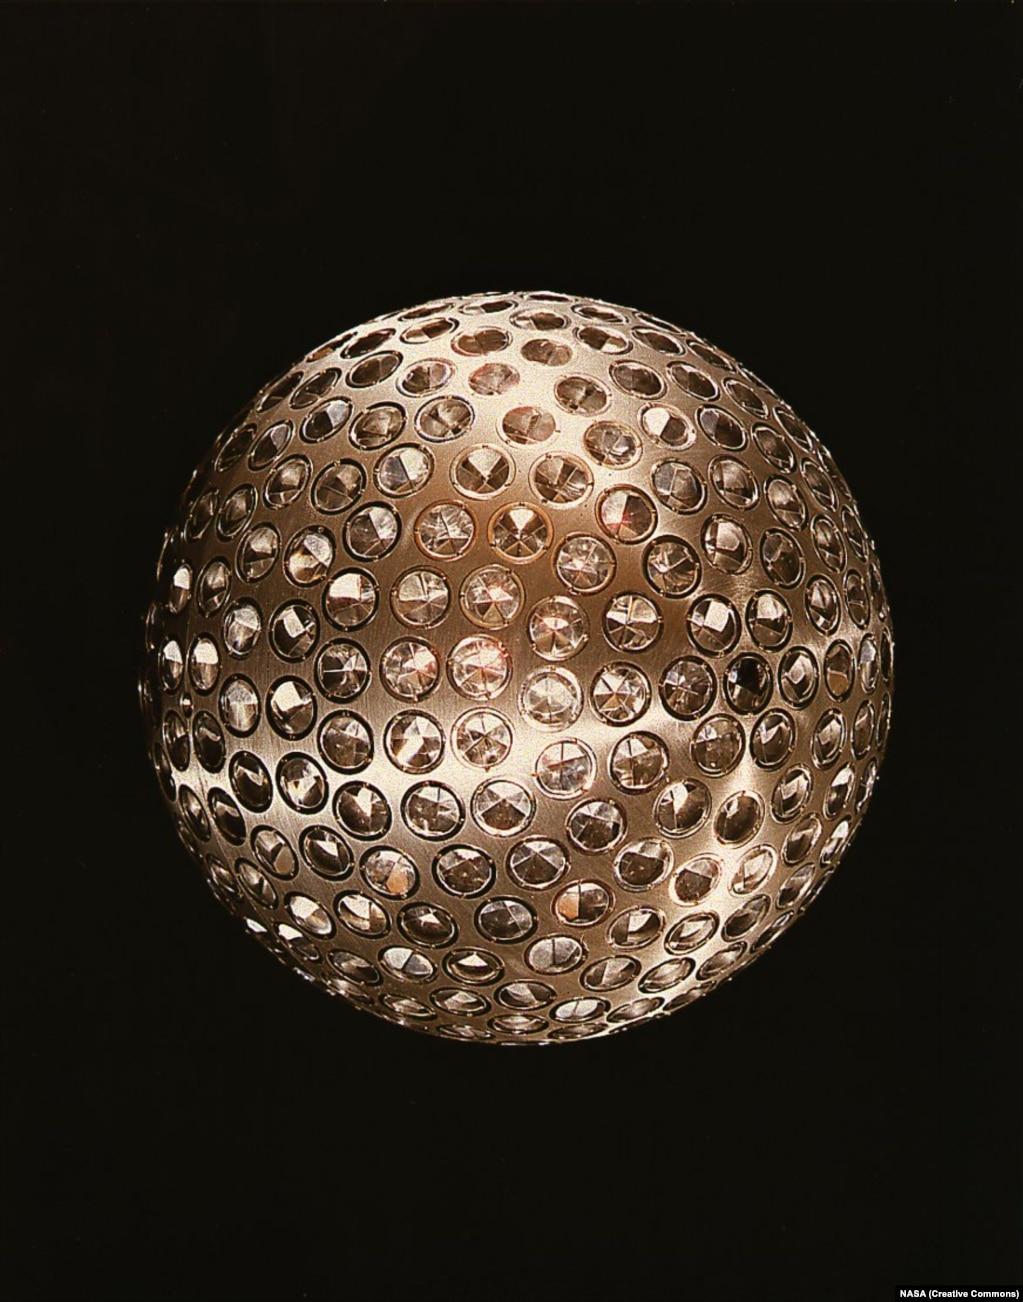 LAGEOS 1 называют космическим диско-шаром НАСА. Он был запущен в 1976 году. 400-килограммовая алюминиевая и латунная сфера усыпана рефлекторами, которые позволяют лазерным лучам с Земли точно определять смещение тектонических плит и точную форму планеты.